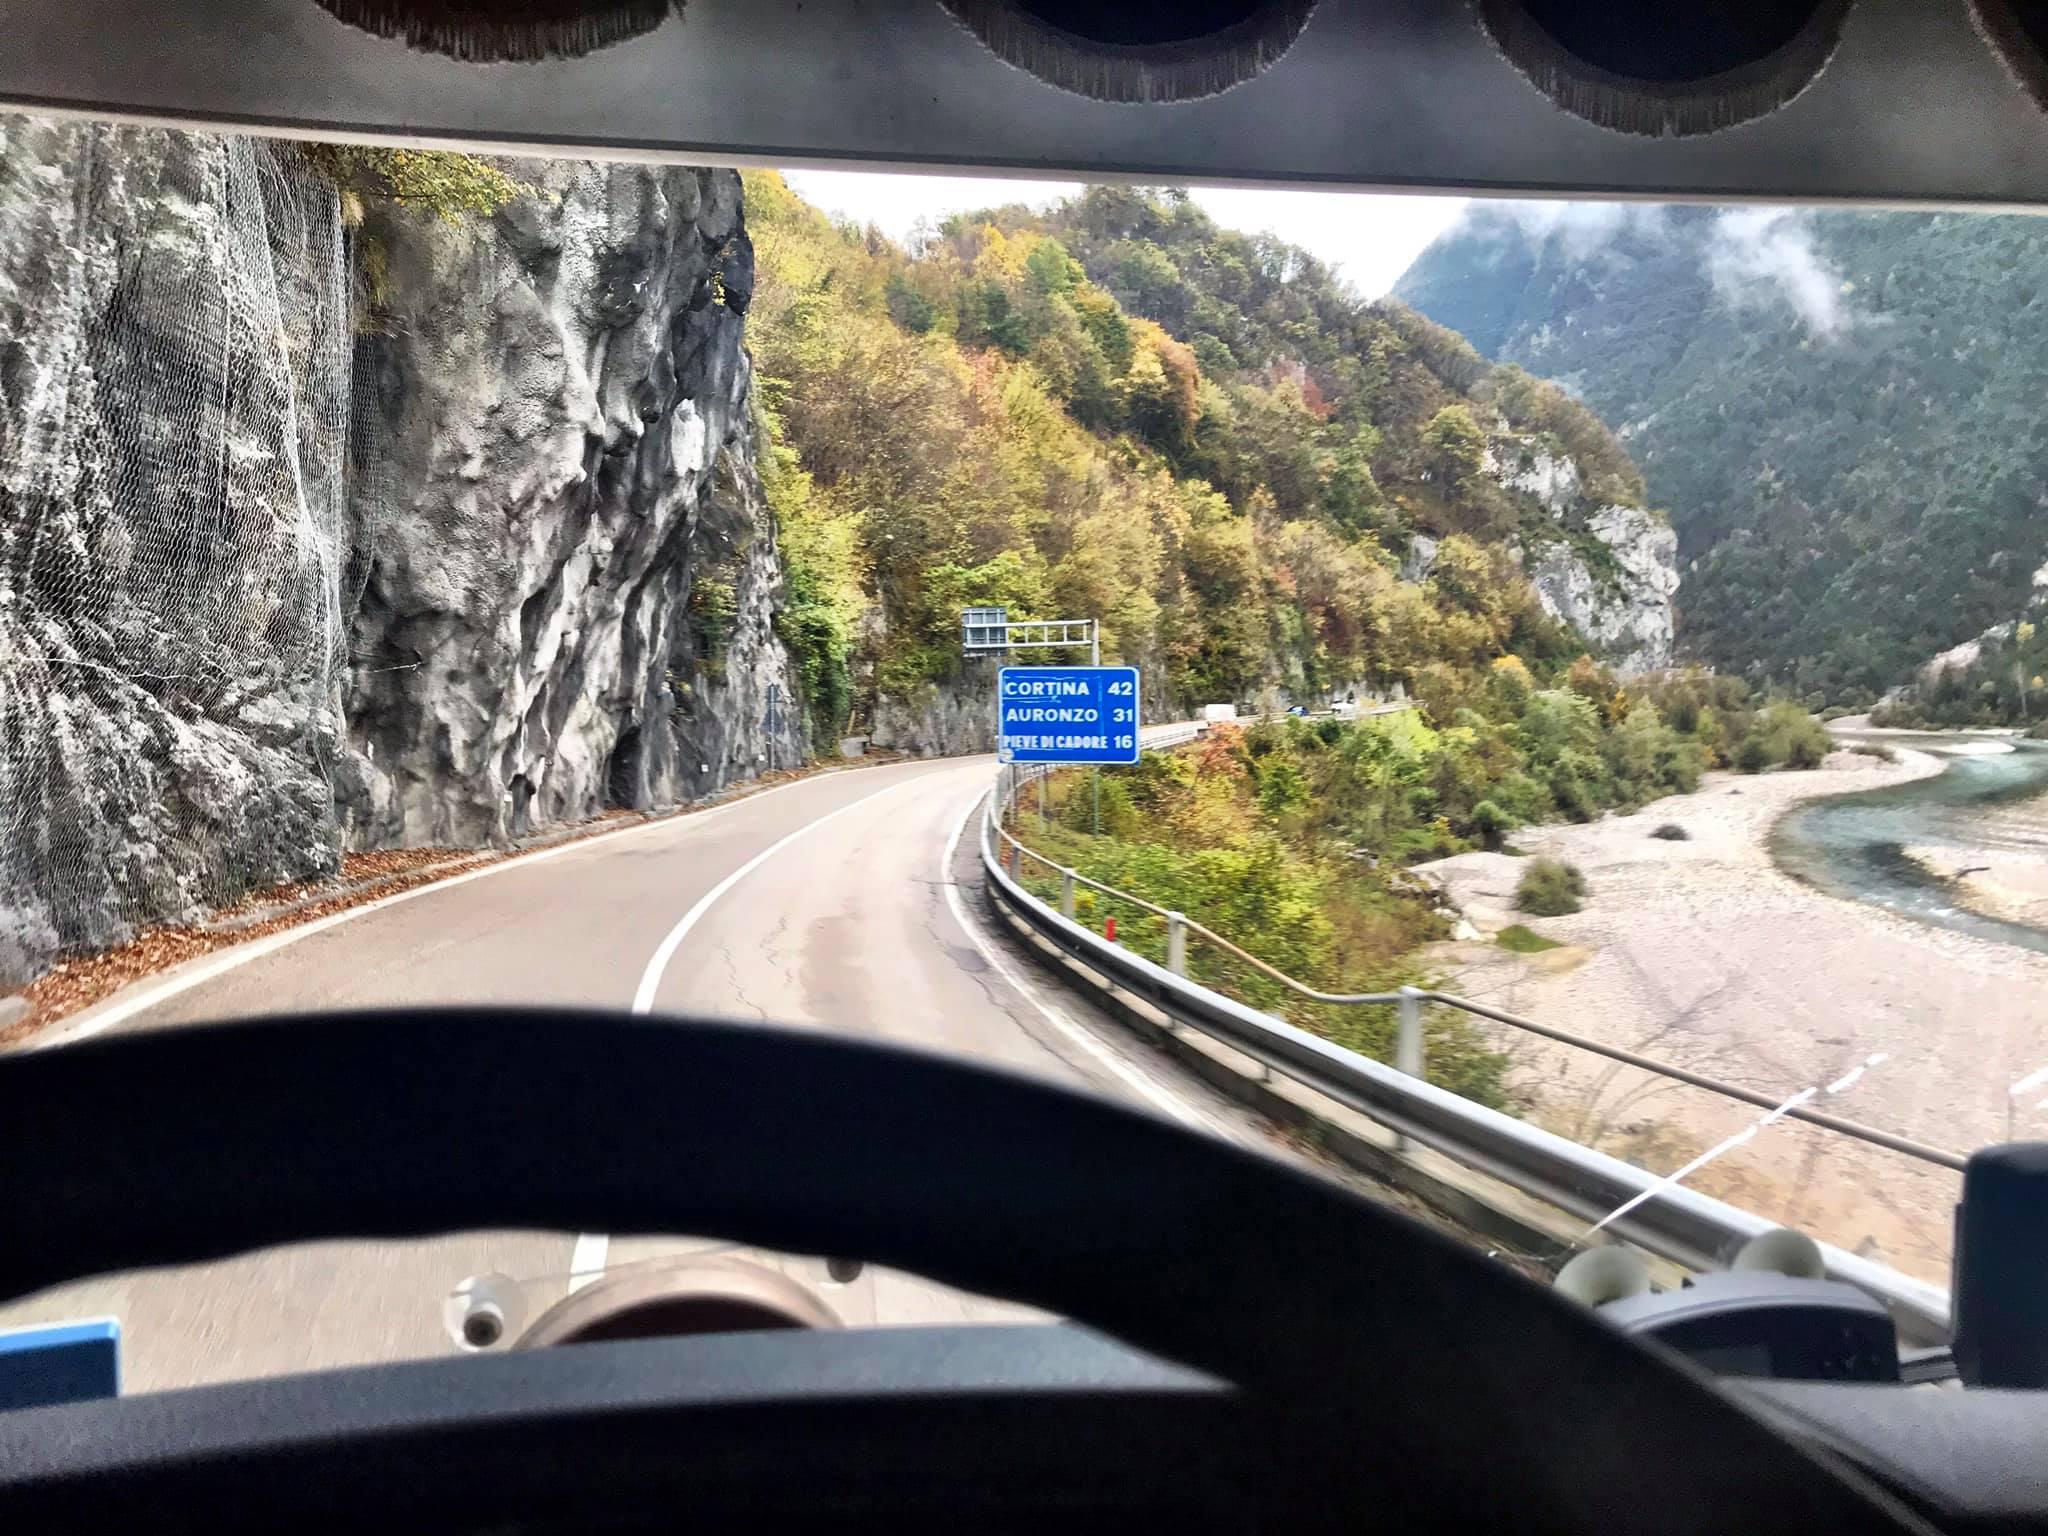 Pols-Sie-in-noord-Italie--30-10-209-1